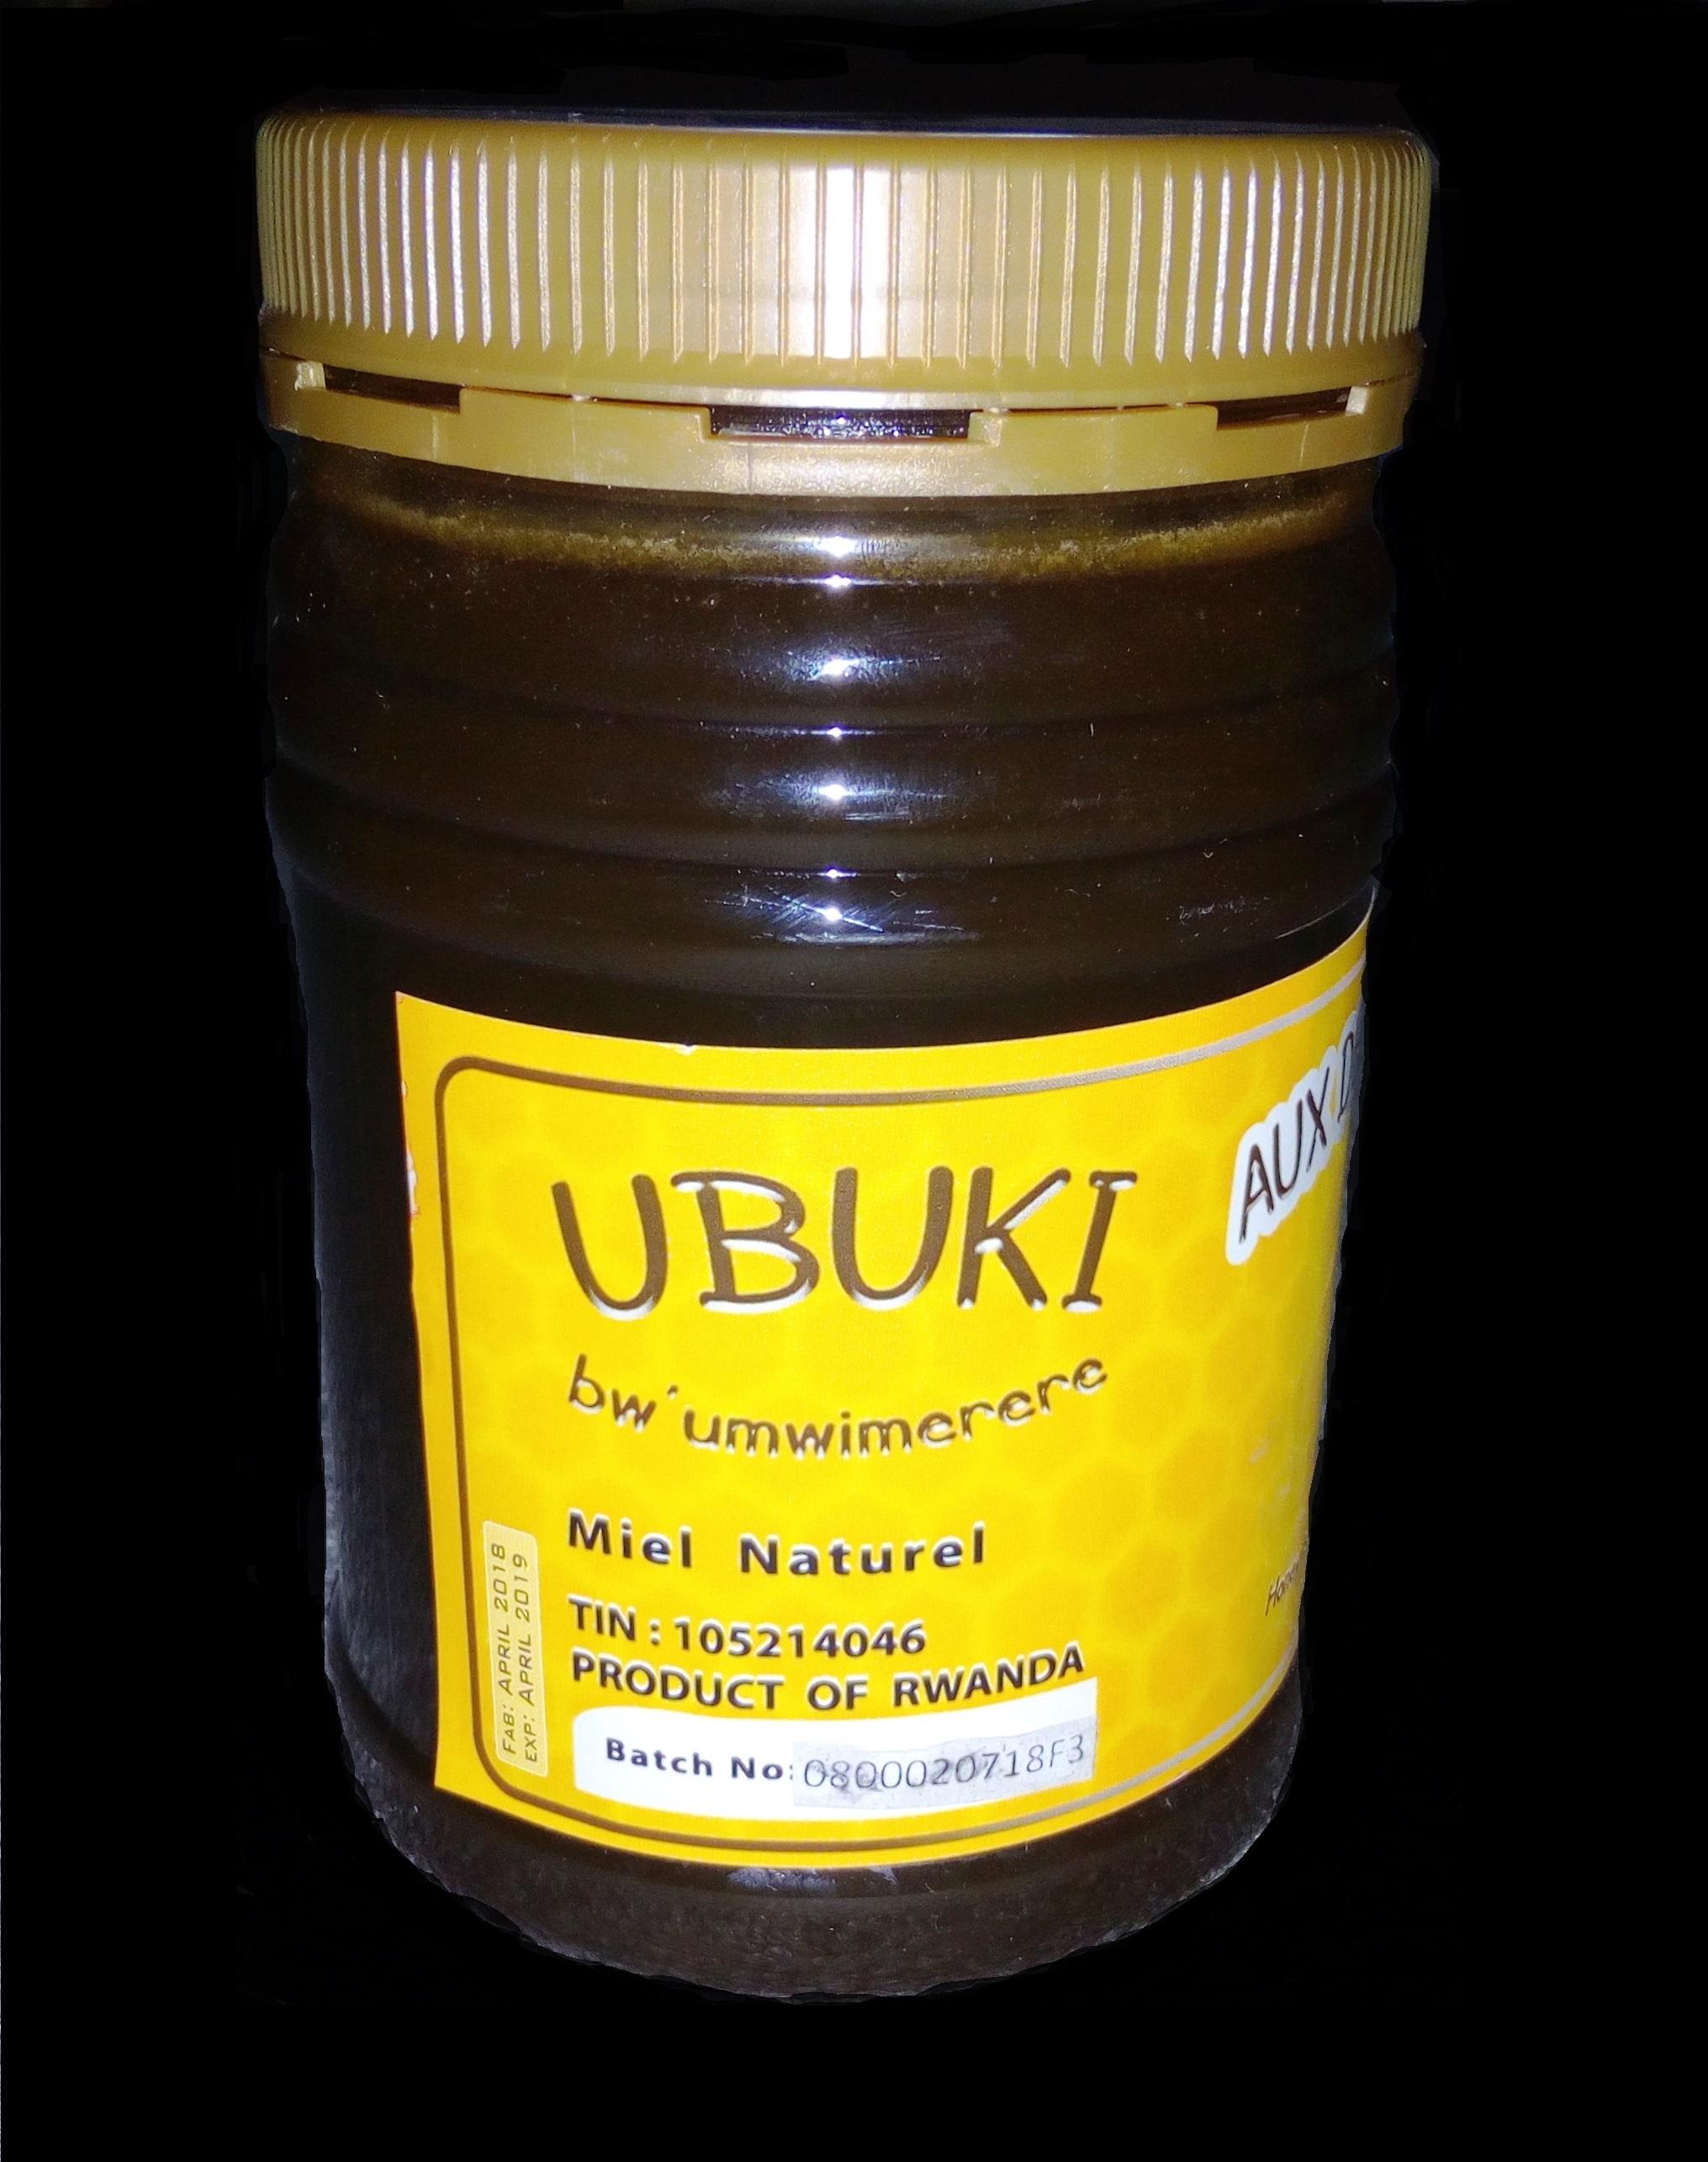 ubuki bwo gushyira muri vitamin y'imisatsi